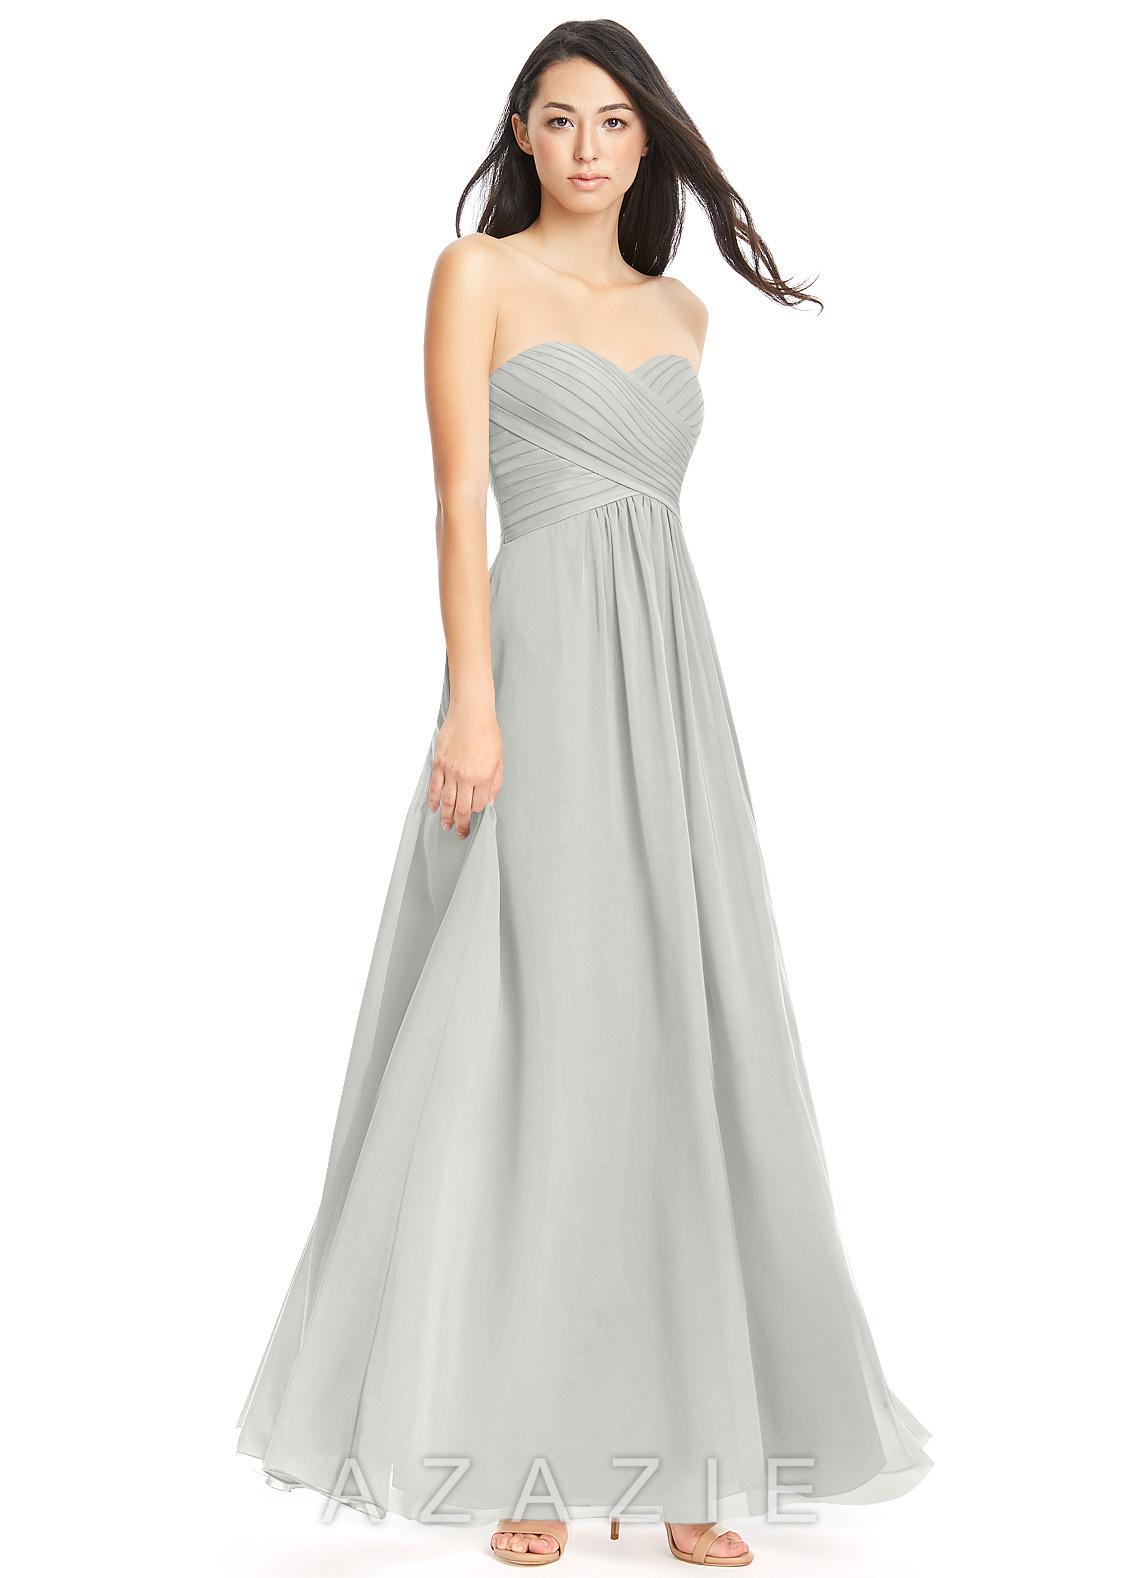 5cad58dd57 Azazie Yazmin Bridesmaid Dress - Silver